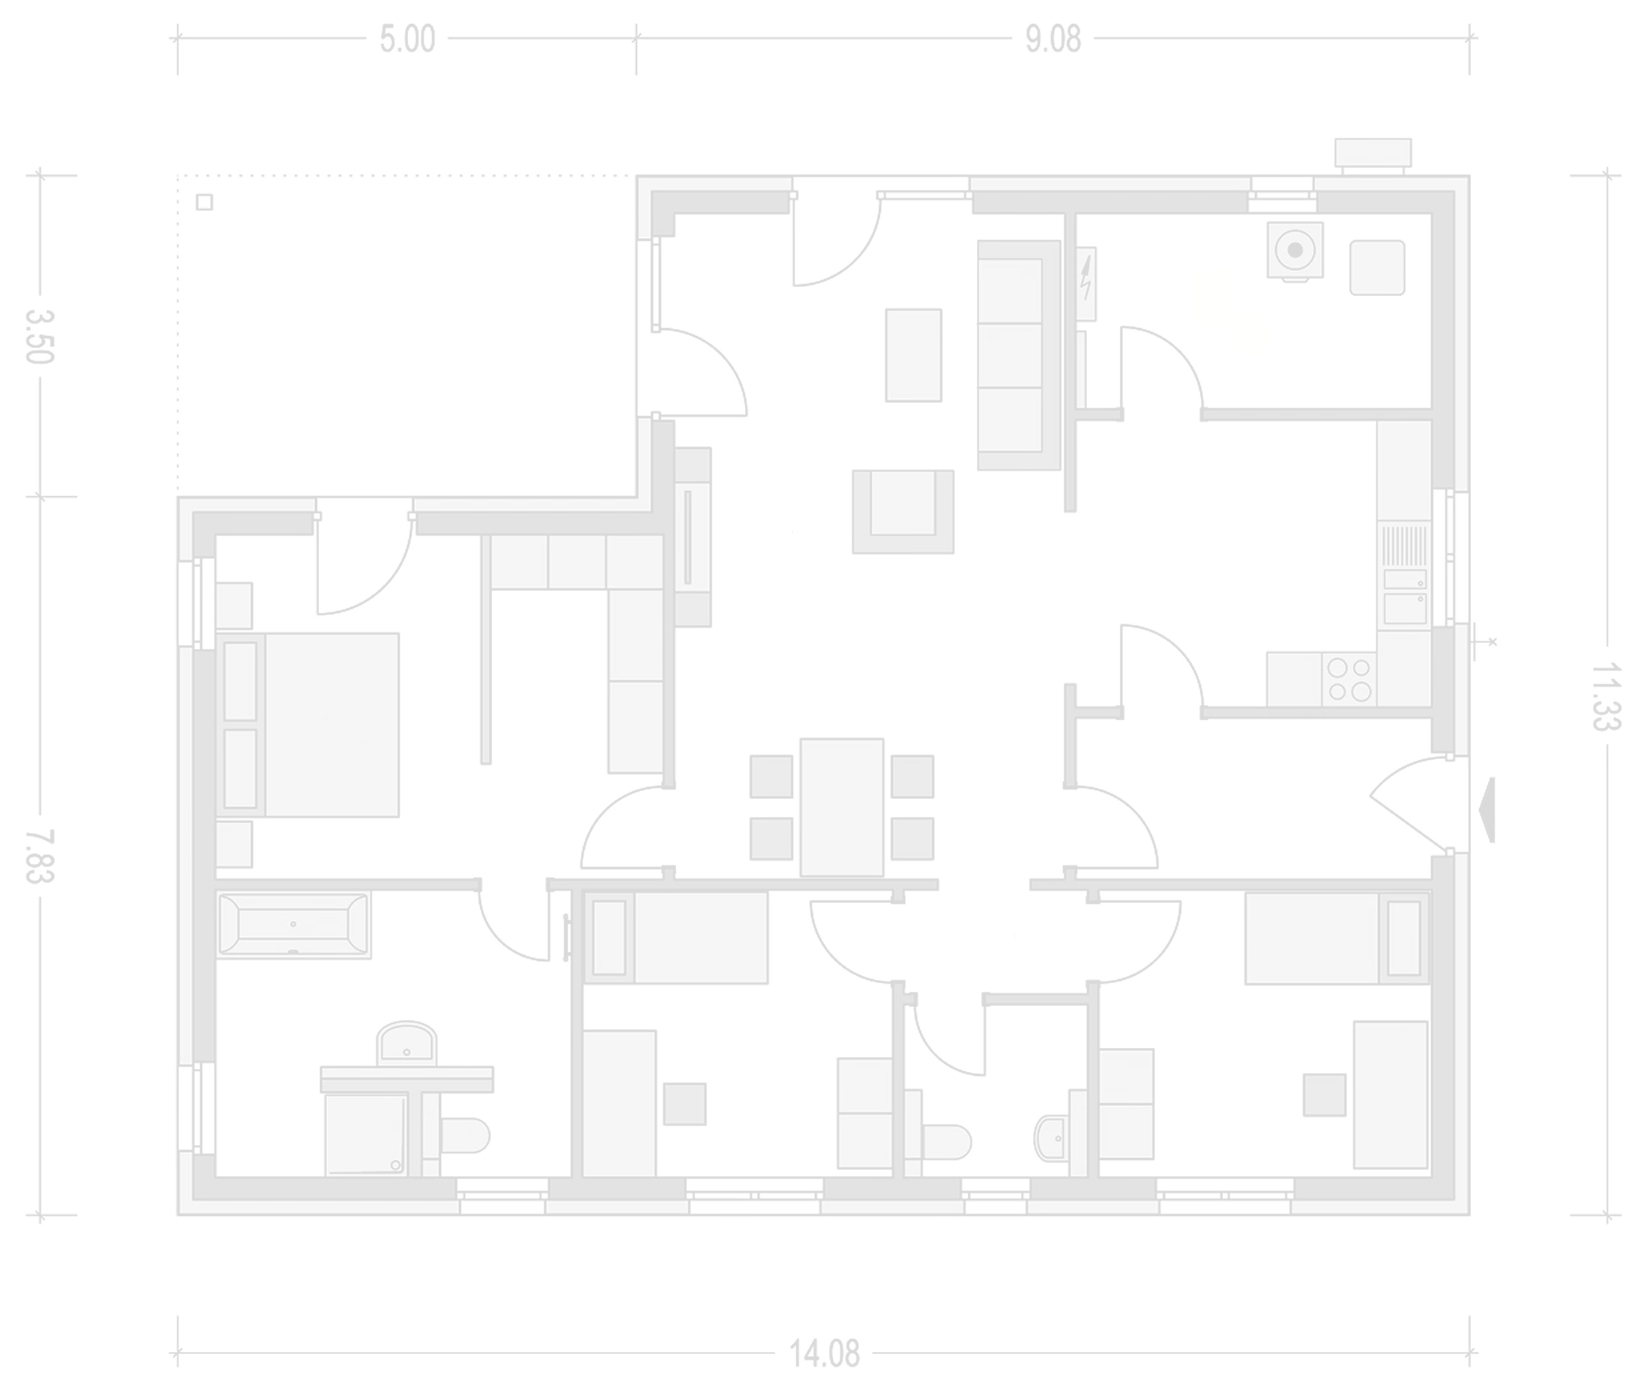 Planimetria della costruzione Casa in Legno modello Villa Unifamiliare in classe energetica